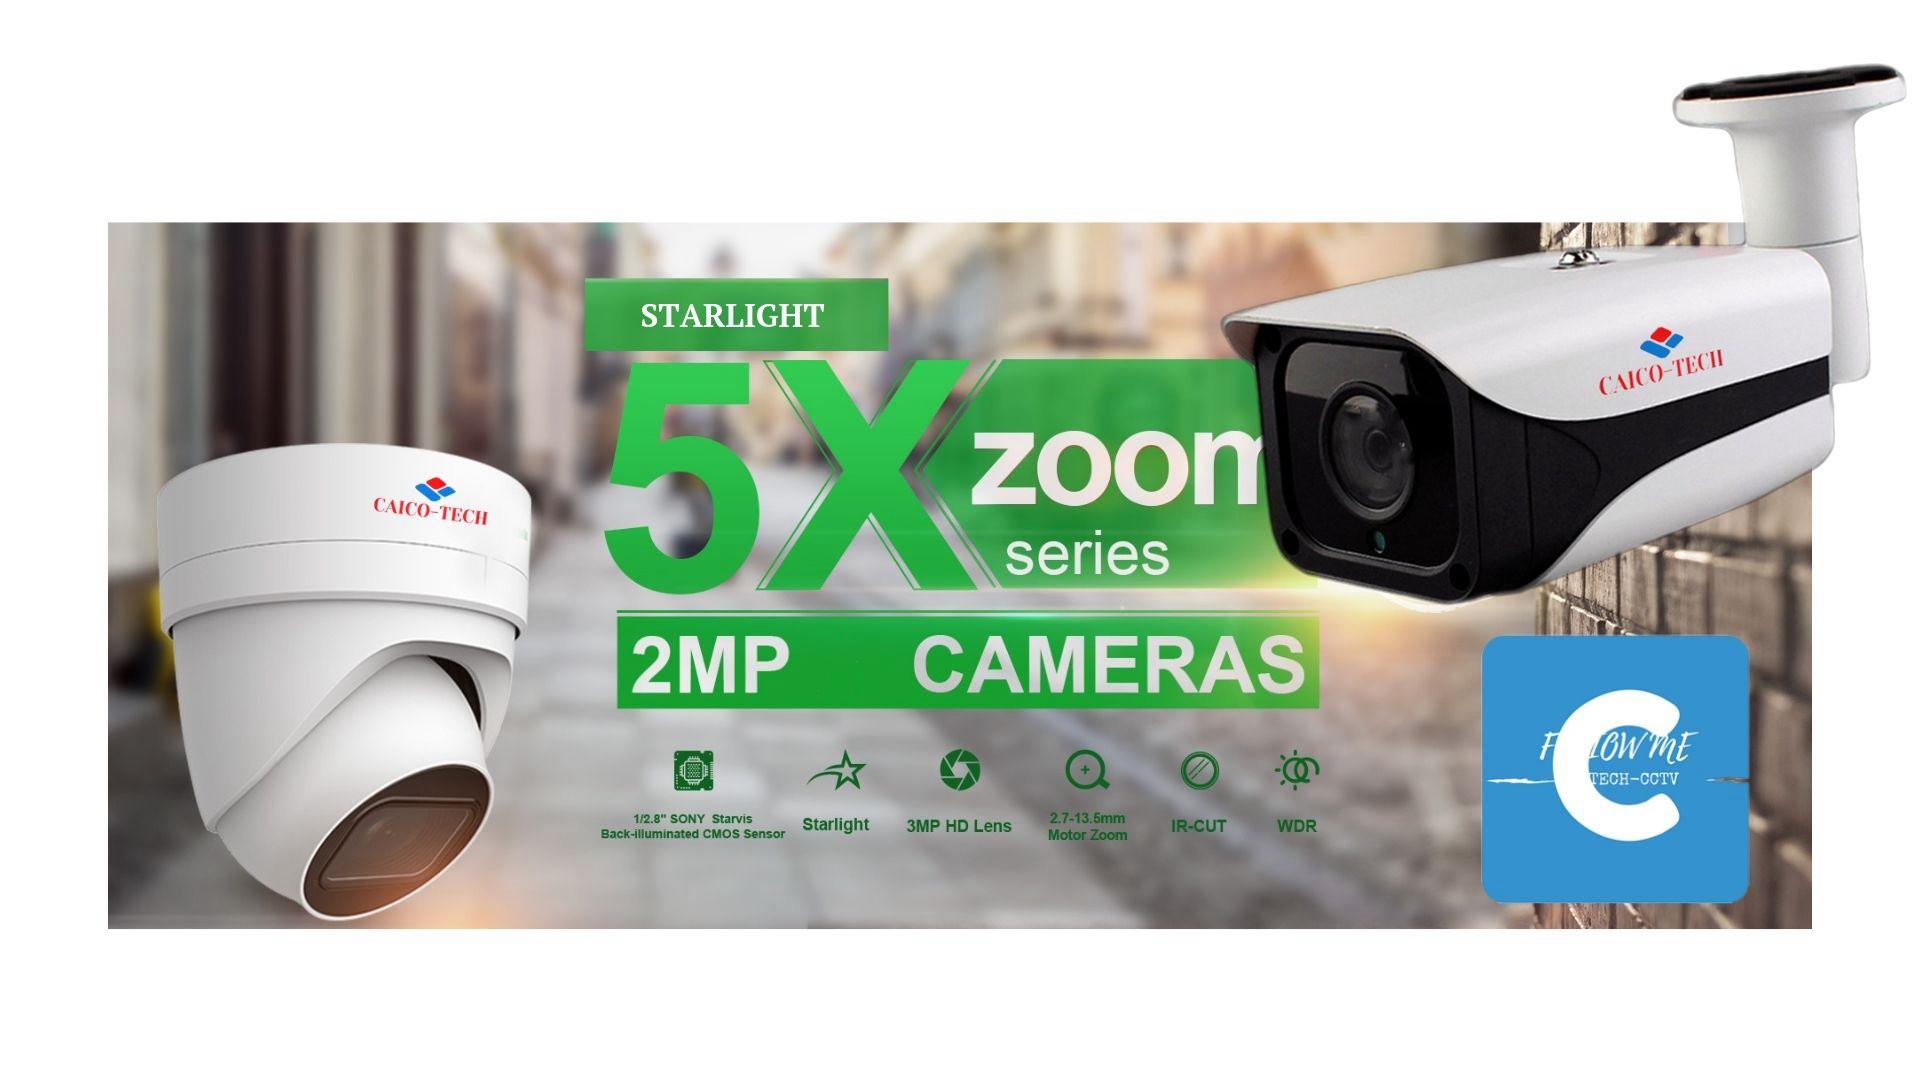 CAICO TECH CCTV STARLIGHT онлайн трансляция с камер наблюдения бесплатно 24 часа в сутки 7 дней в неделю